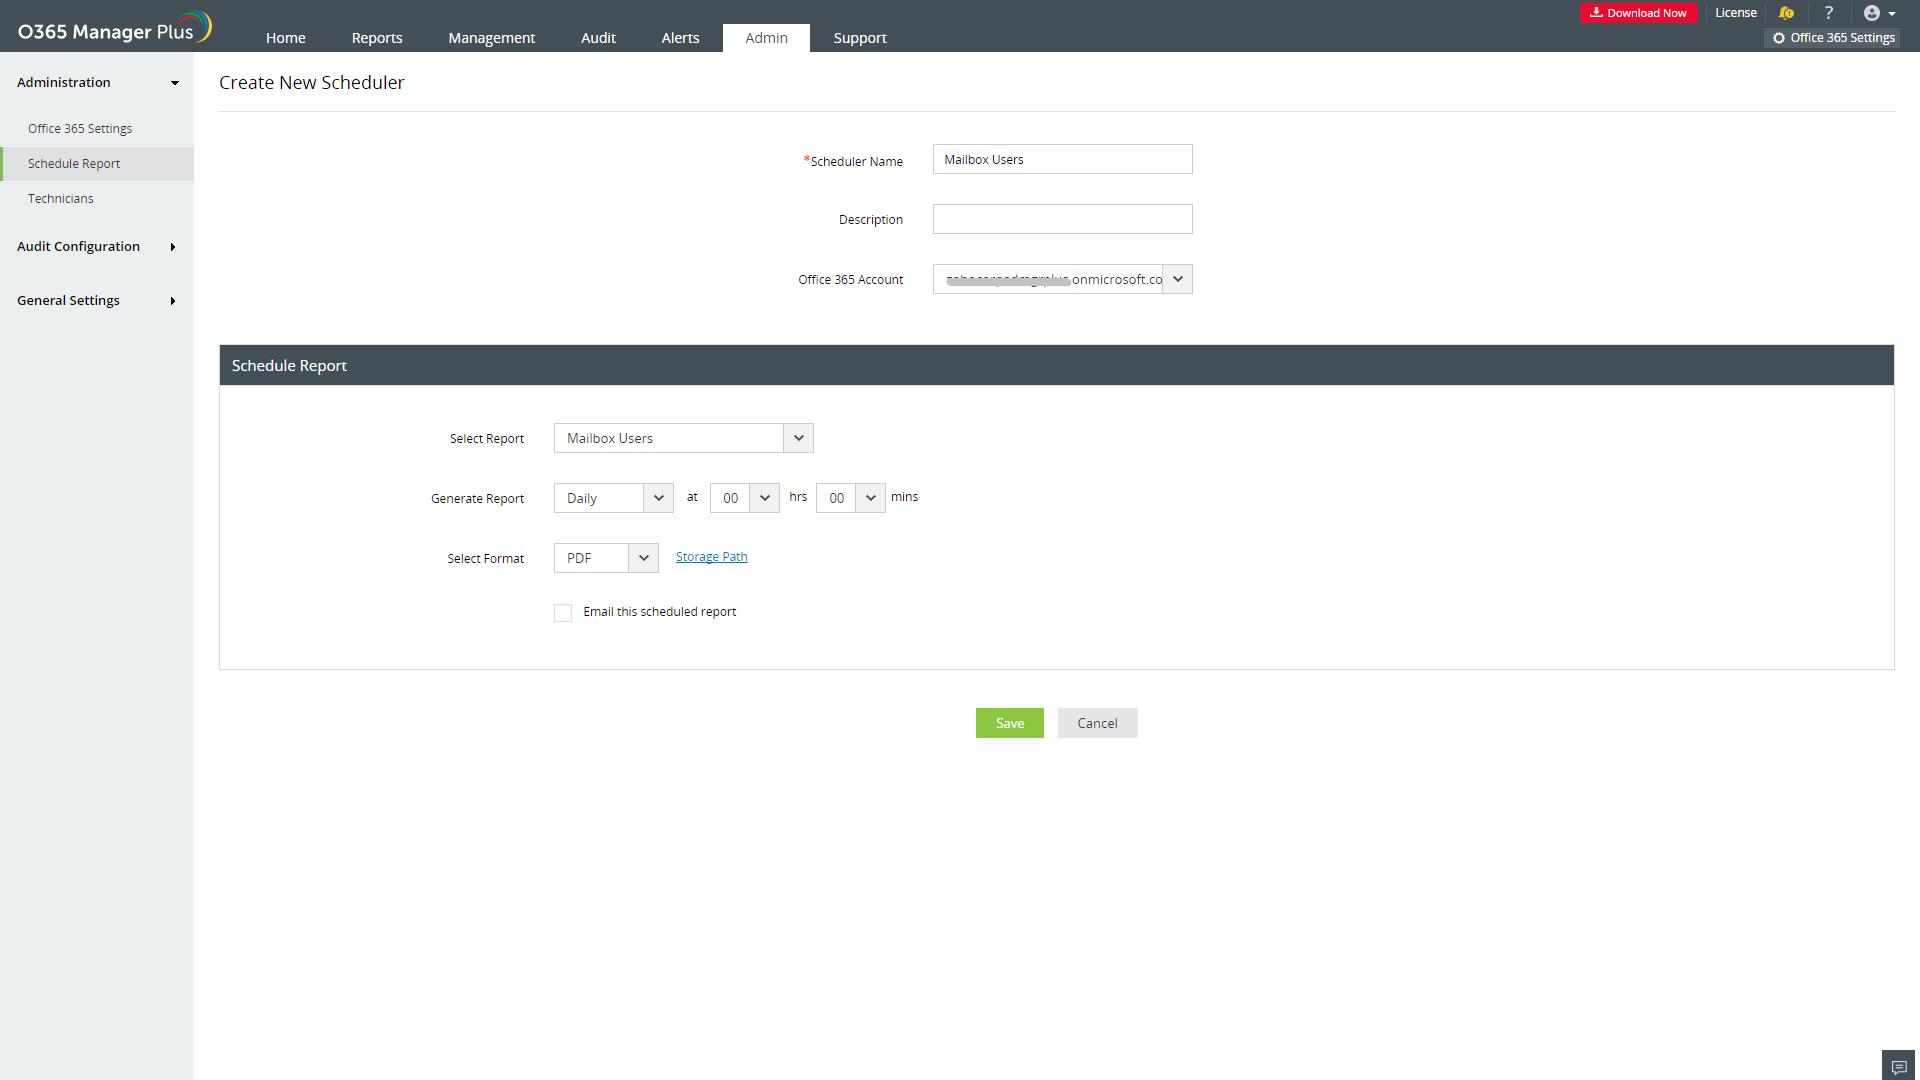 create-new-scheduler-reports